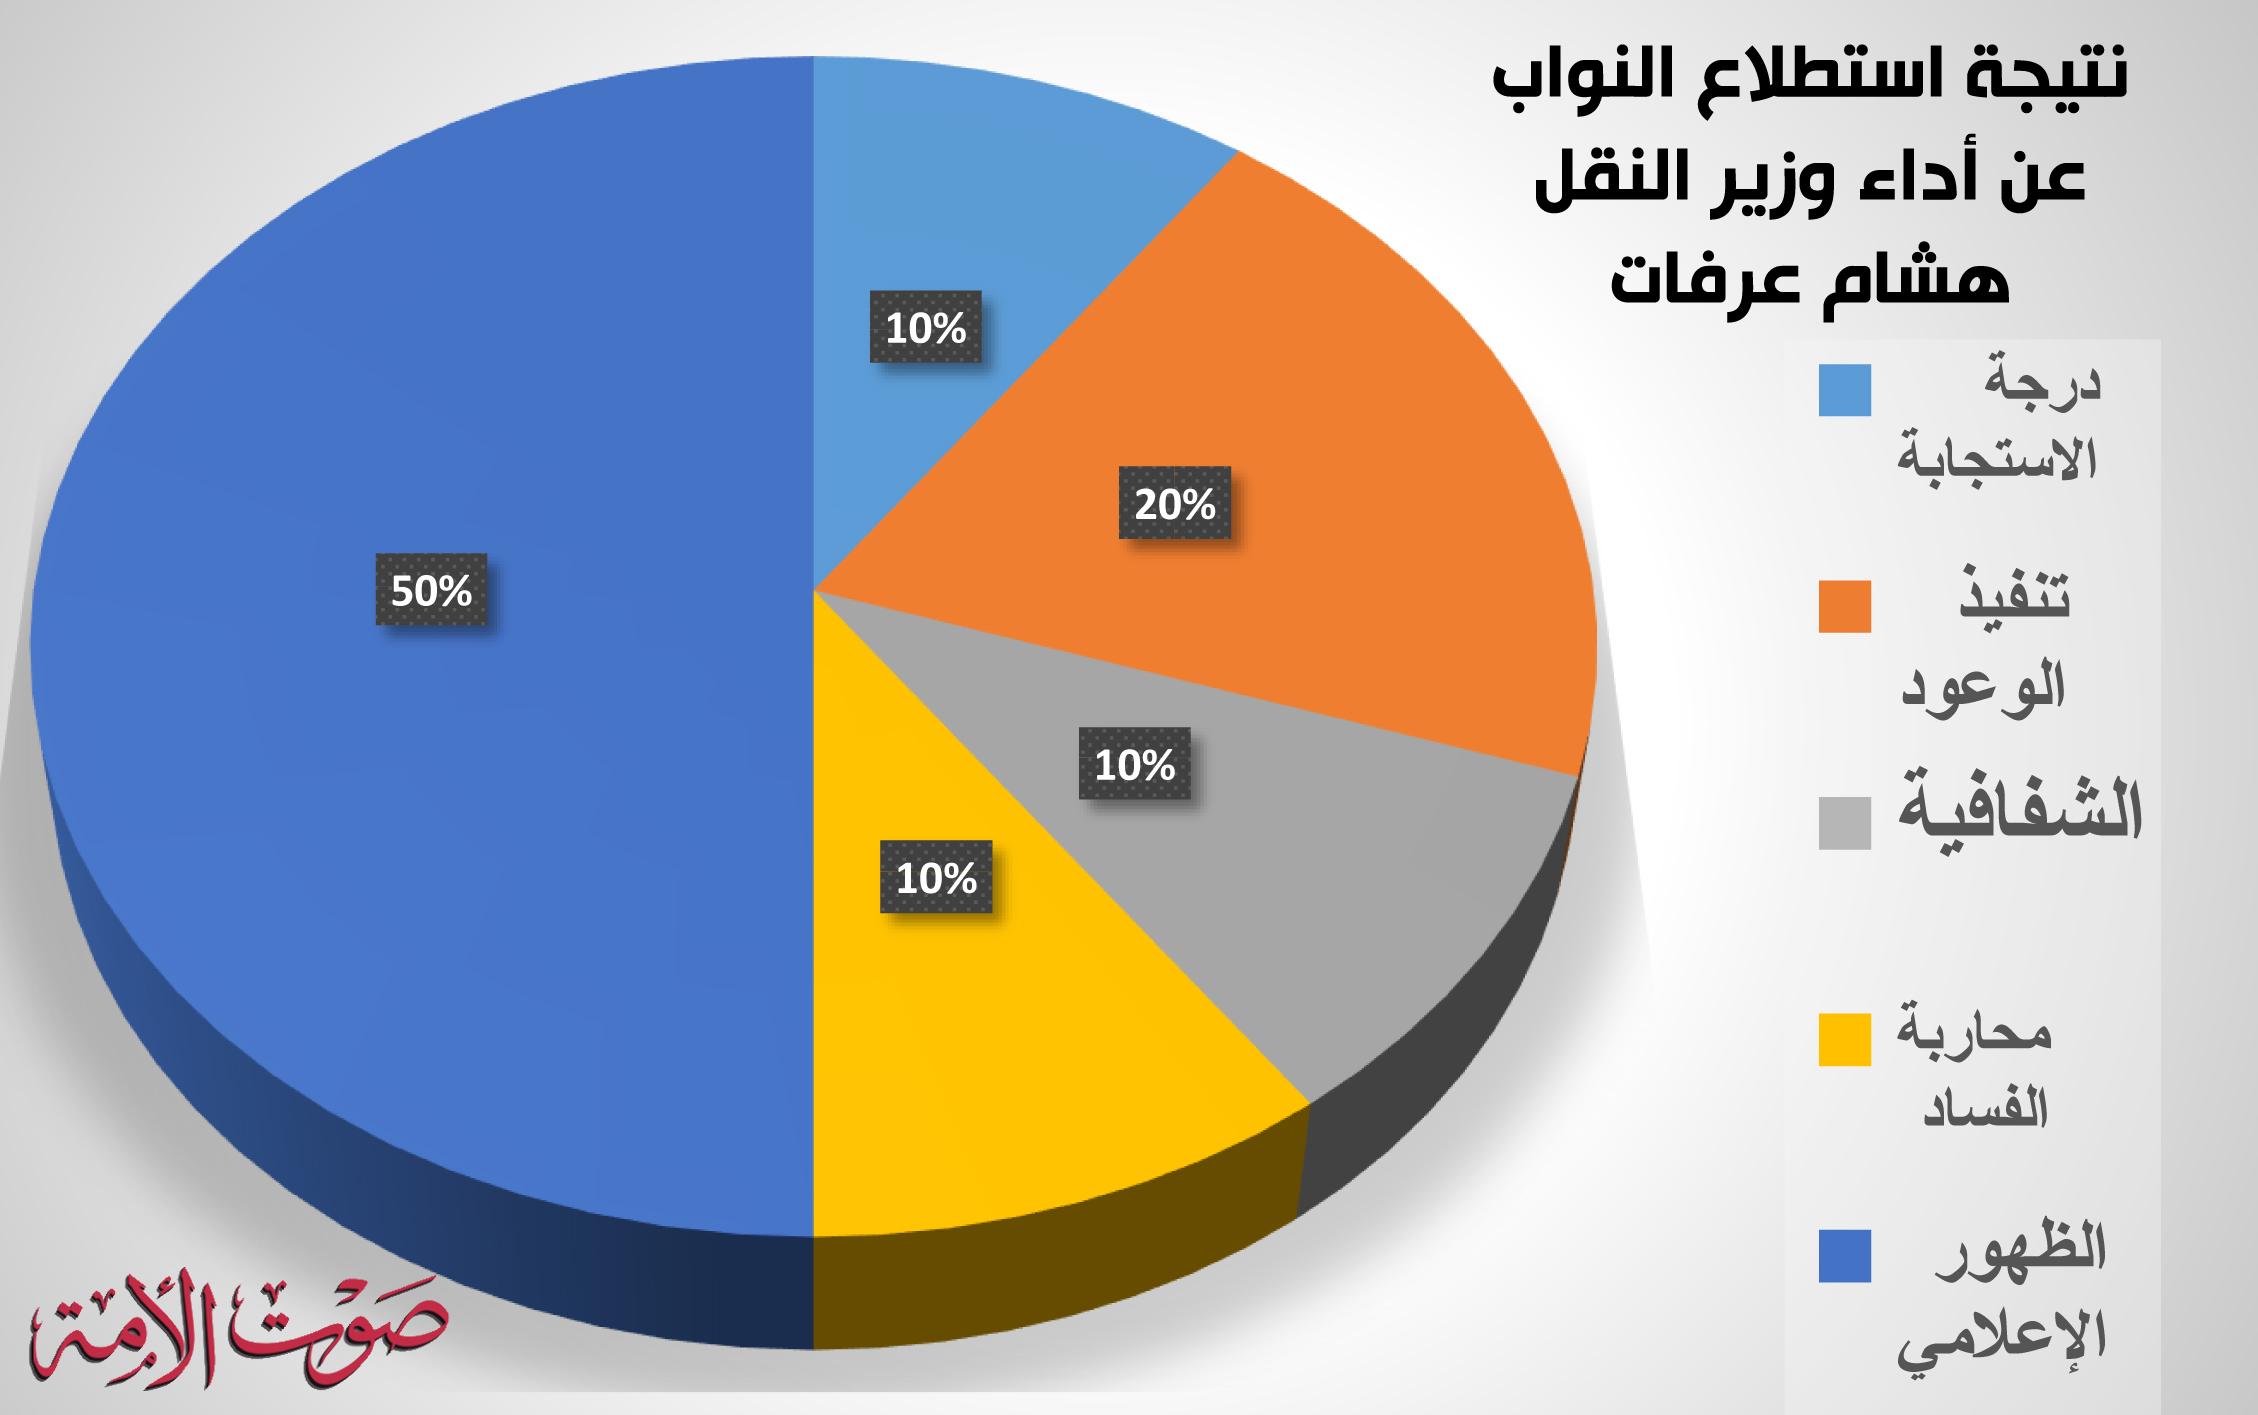 نتيجة استطلاع النواب عن أداء وزير النقل هشام عرفات